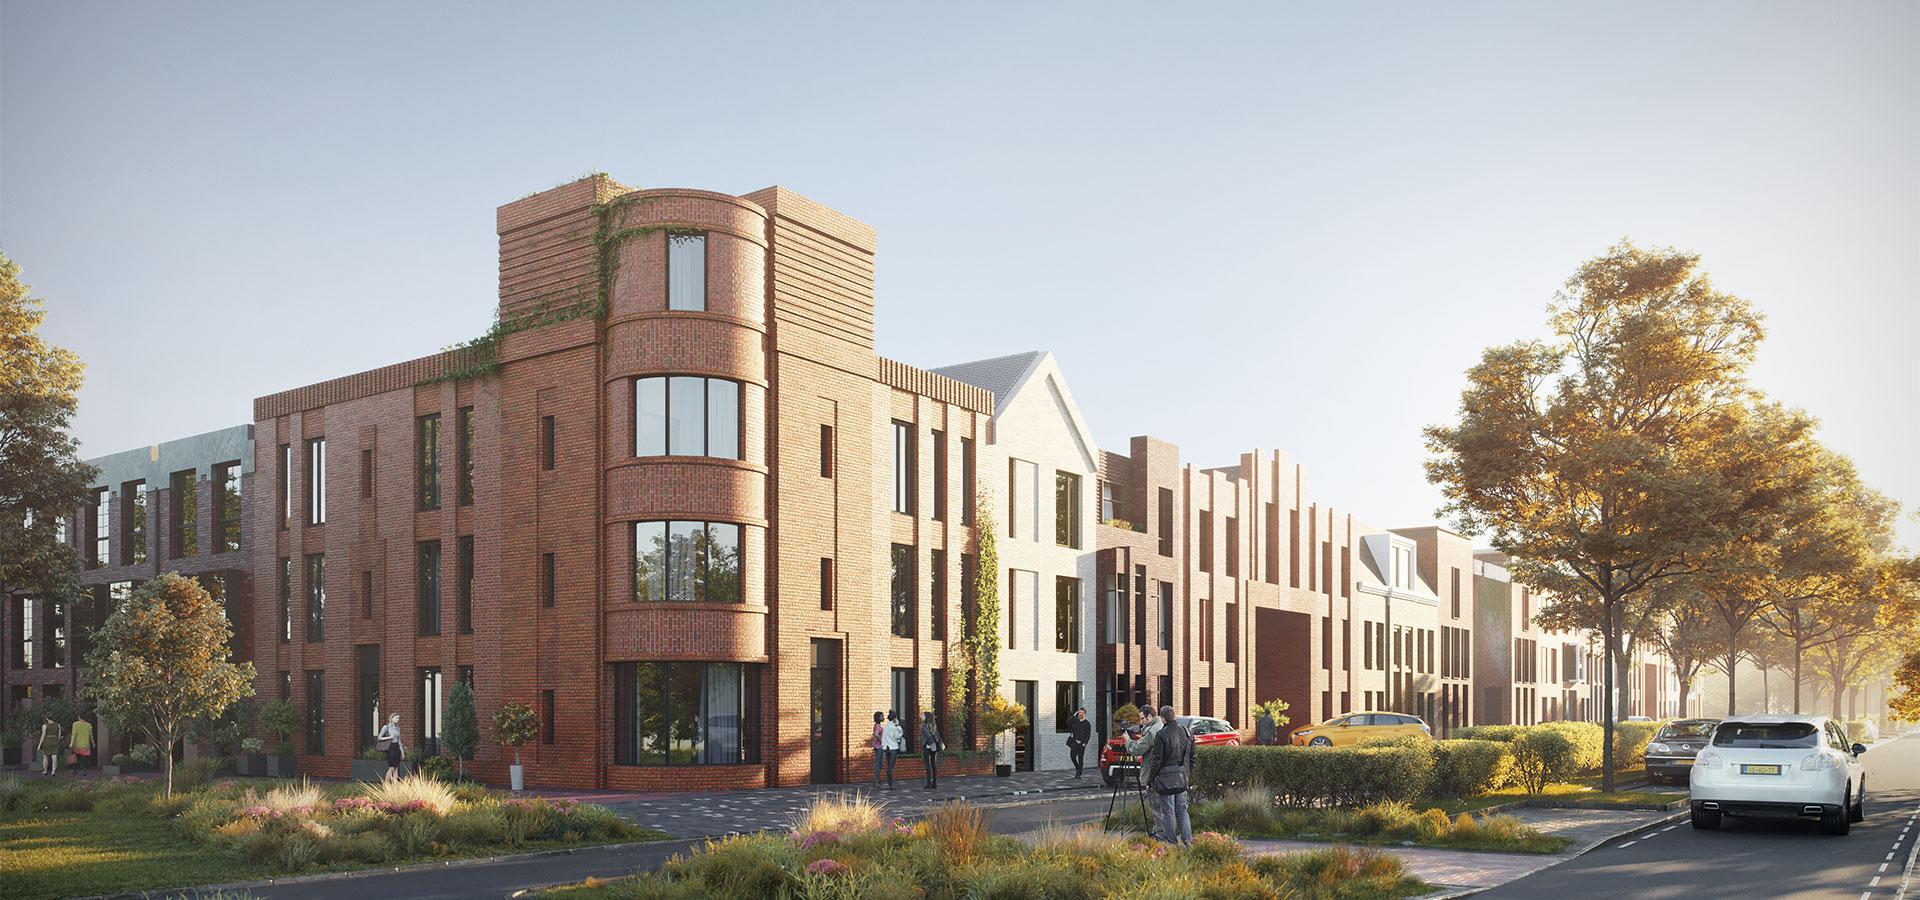 FARO architecten Leeuweplaats Utrecht 01